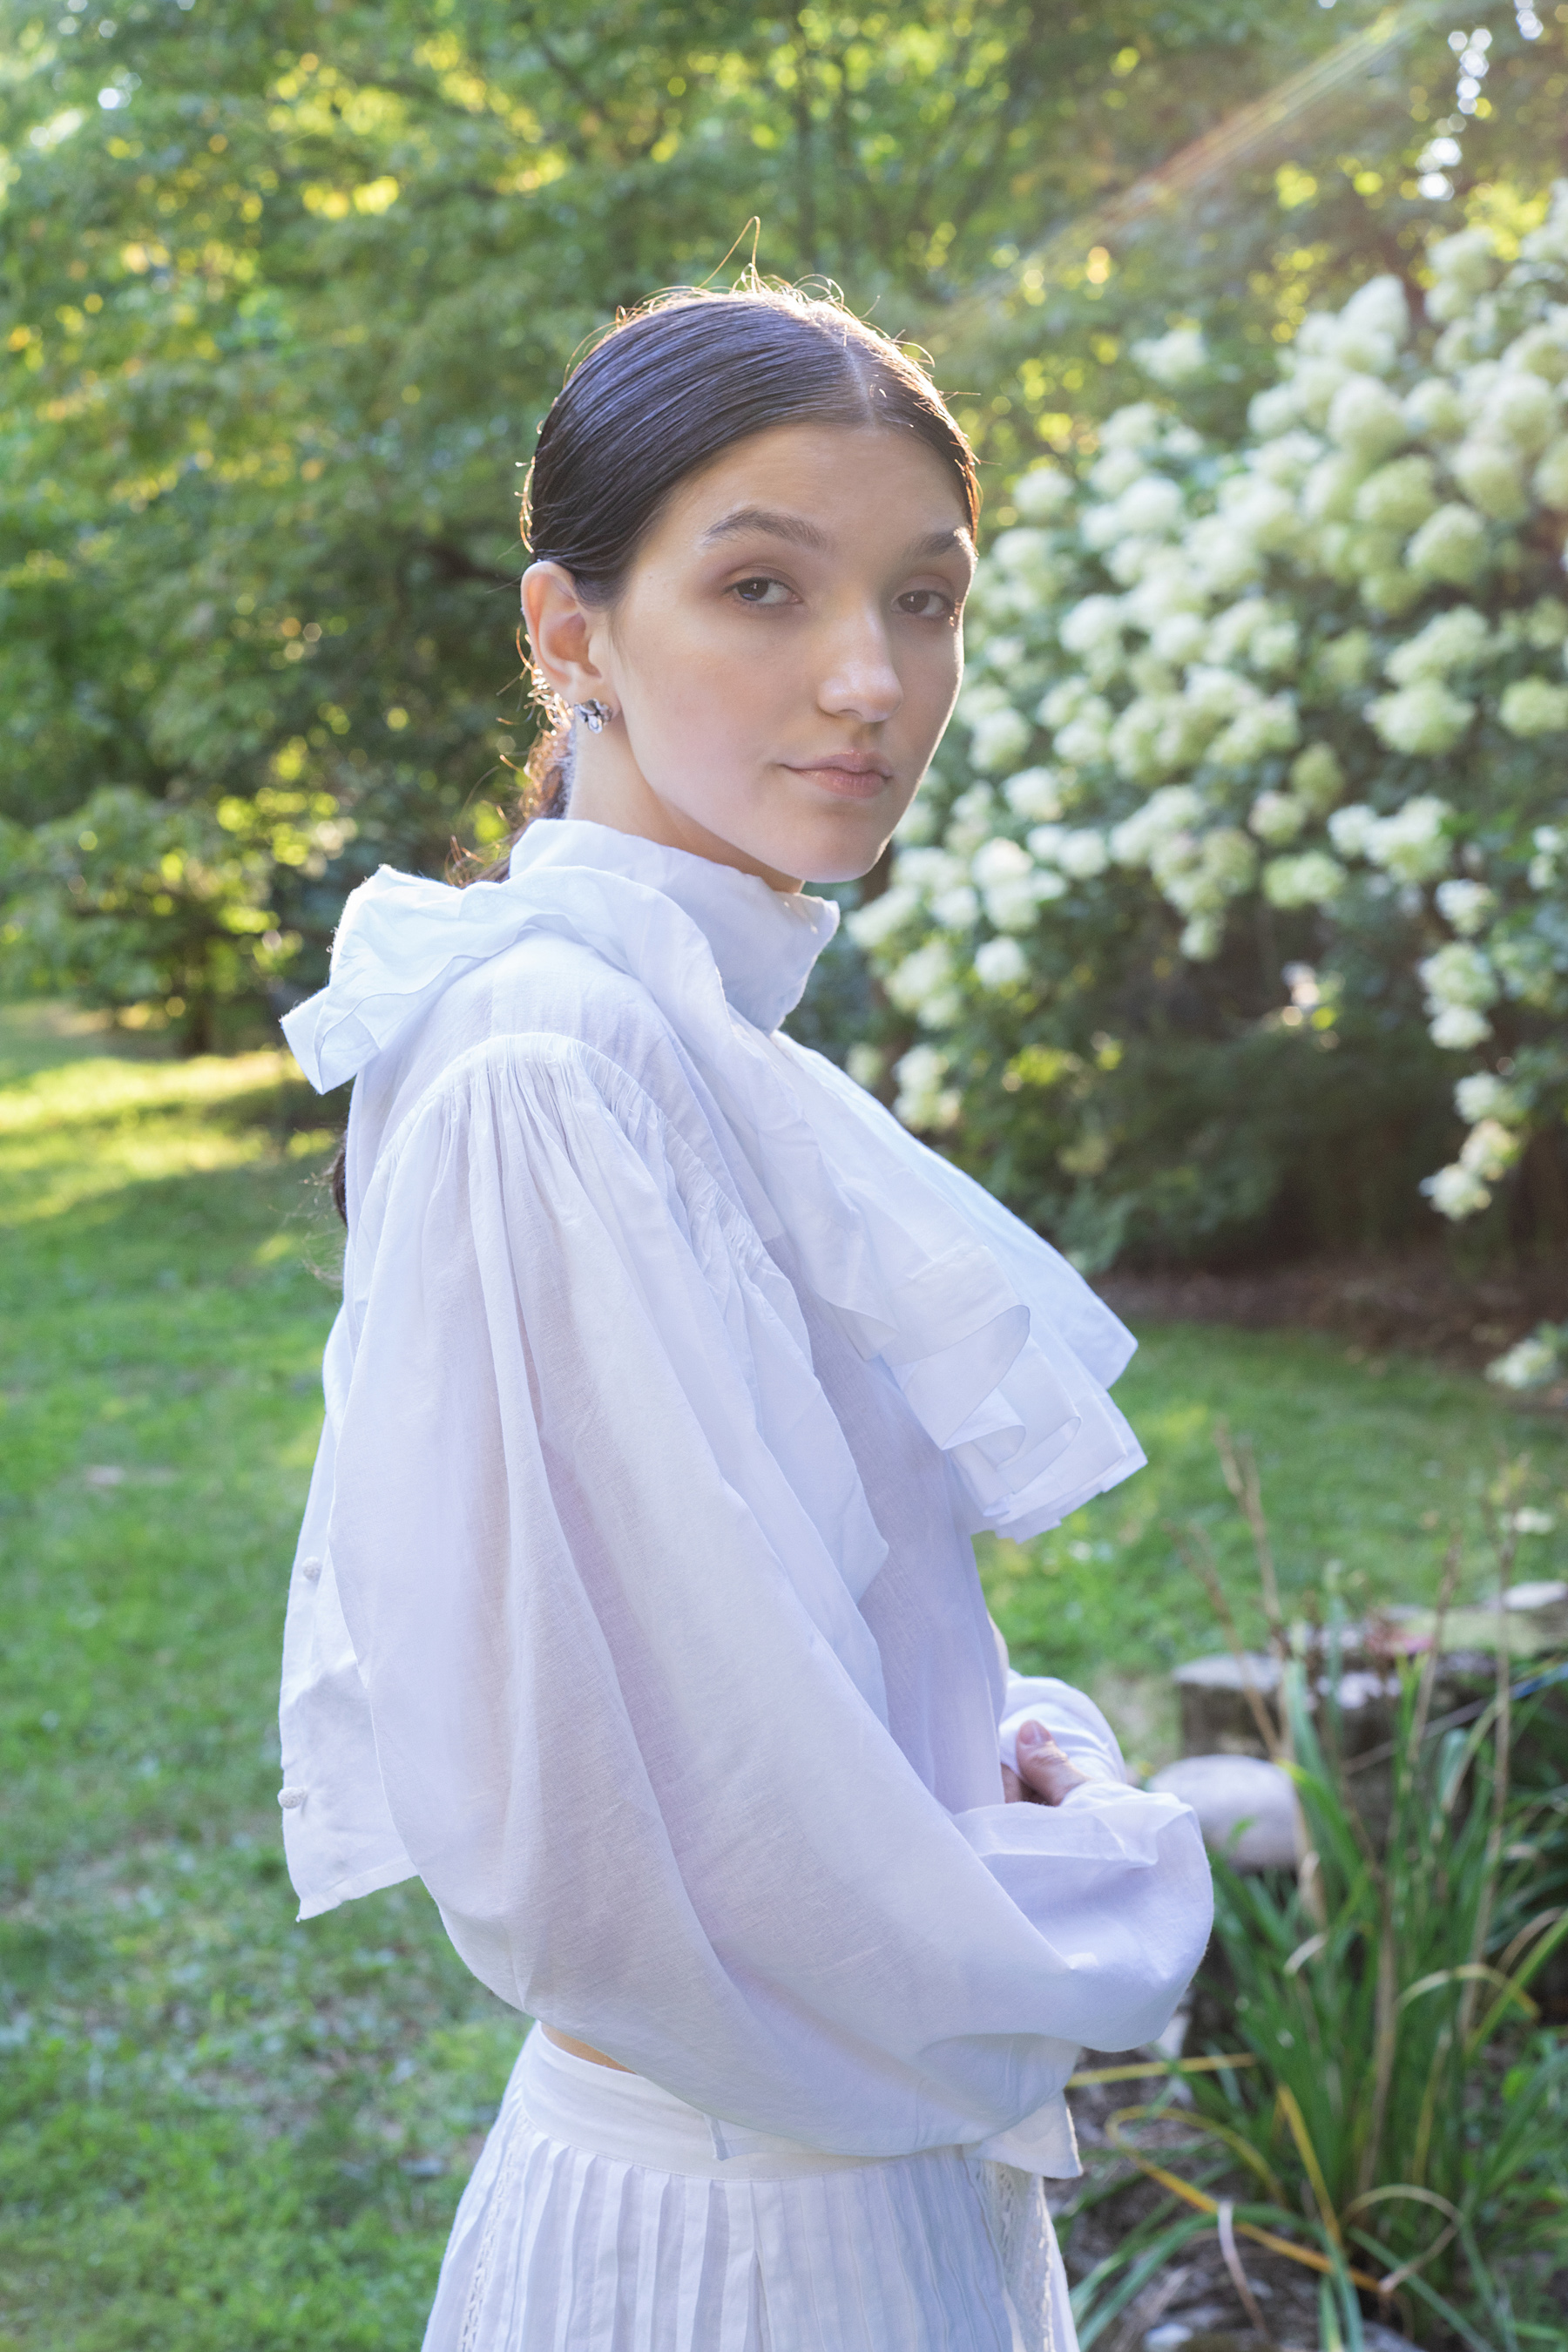 Mimi Prober Spring 2021 Fashion Show Photos